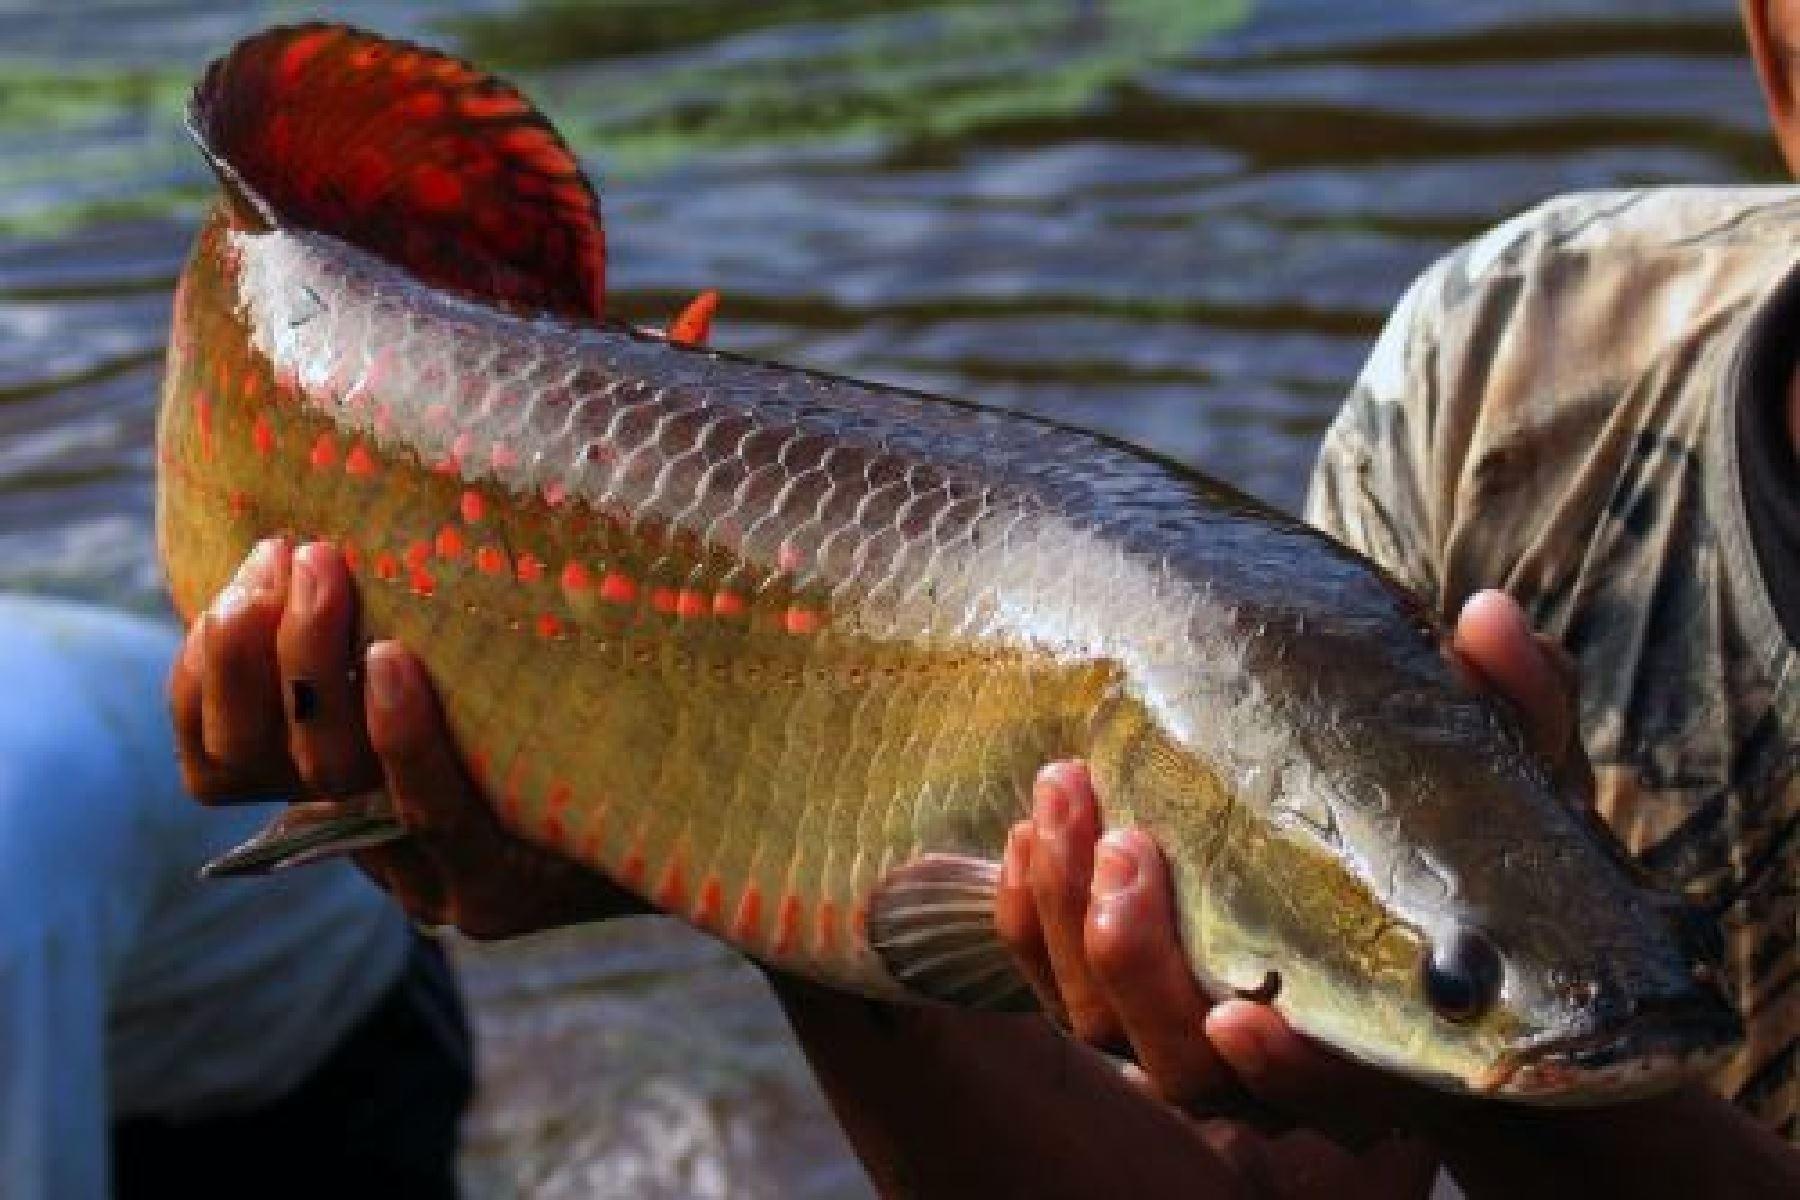 La población del paiche, considerado uno de los peces de agua dulce más grande del planeta, en su medio natural aumentó en más de 2,000%, de 489 a 9,948 ejemplares entre los años 2010 y 2018, como resultado de una estrategia de repoblamiento ejecutada con éxito por las autoridades y los pescadores artesanales, informó el Ministerio de la Producción. ANDINA/Difusión